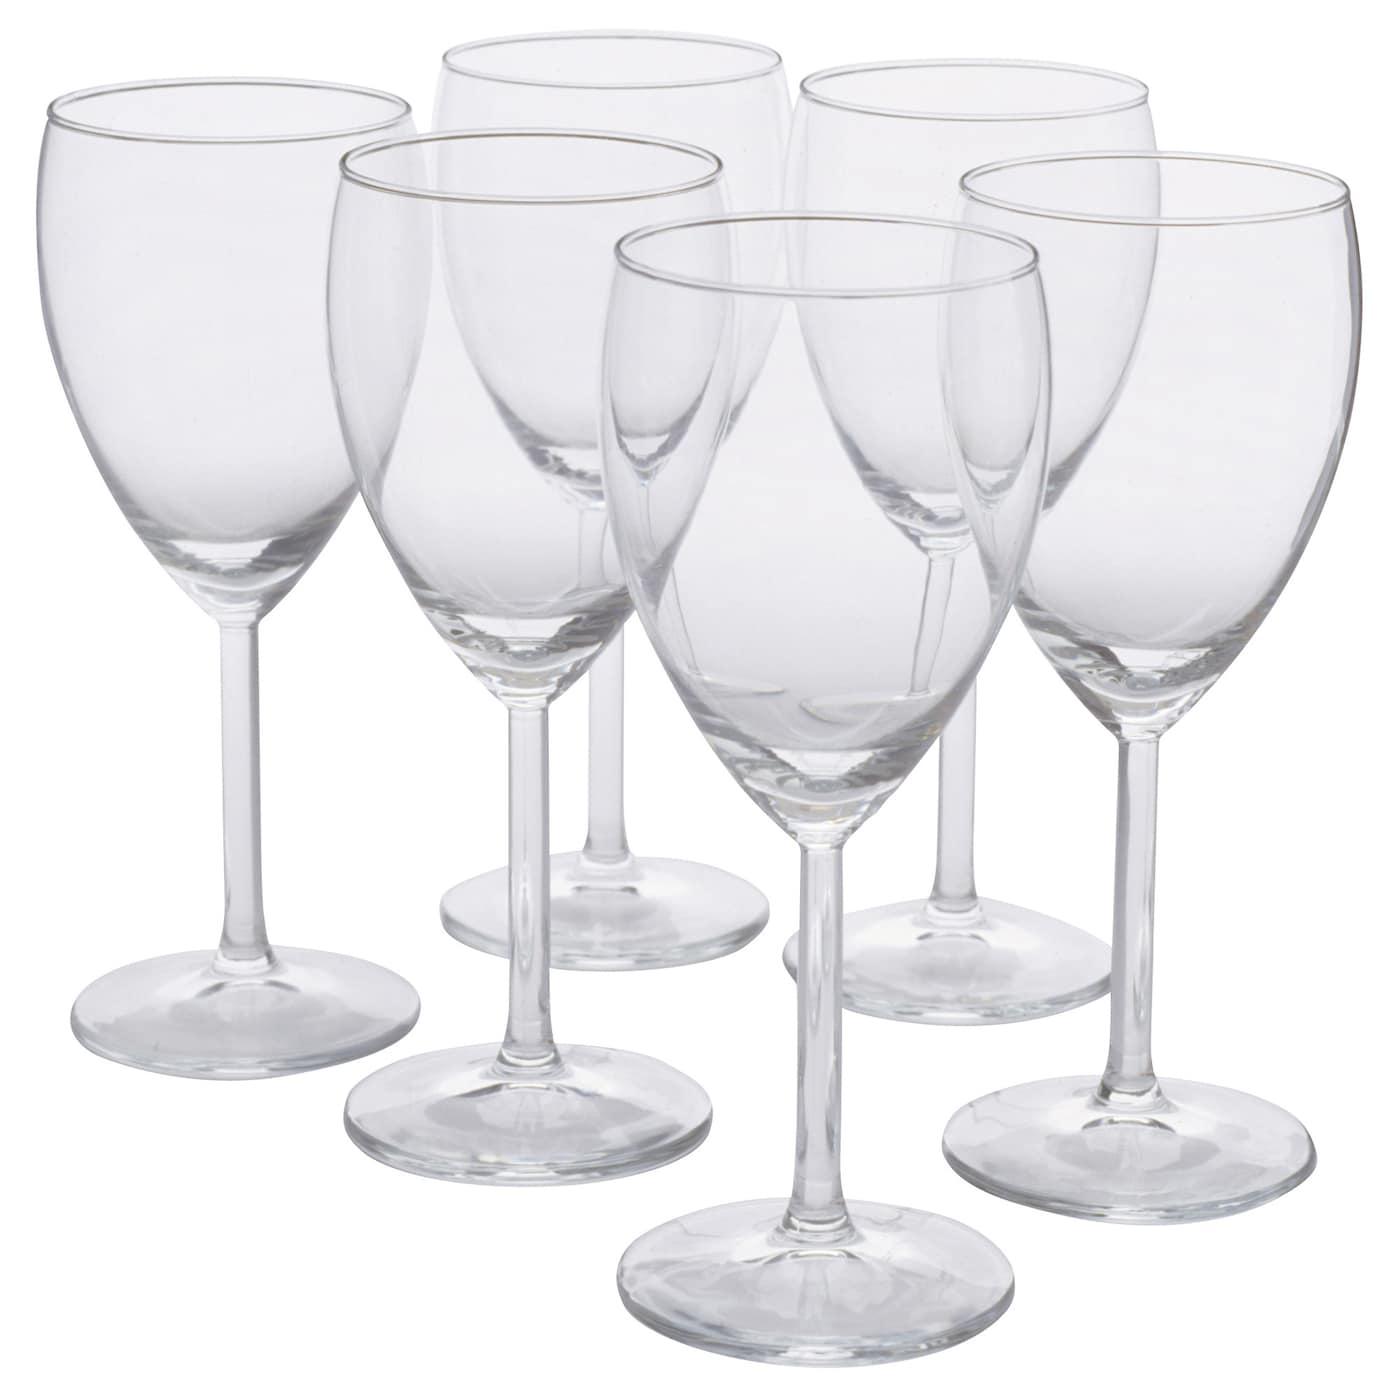 SVALKA Copa de vino blanco vidrio incoloro 25 cl